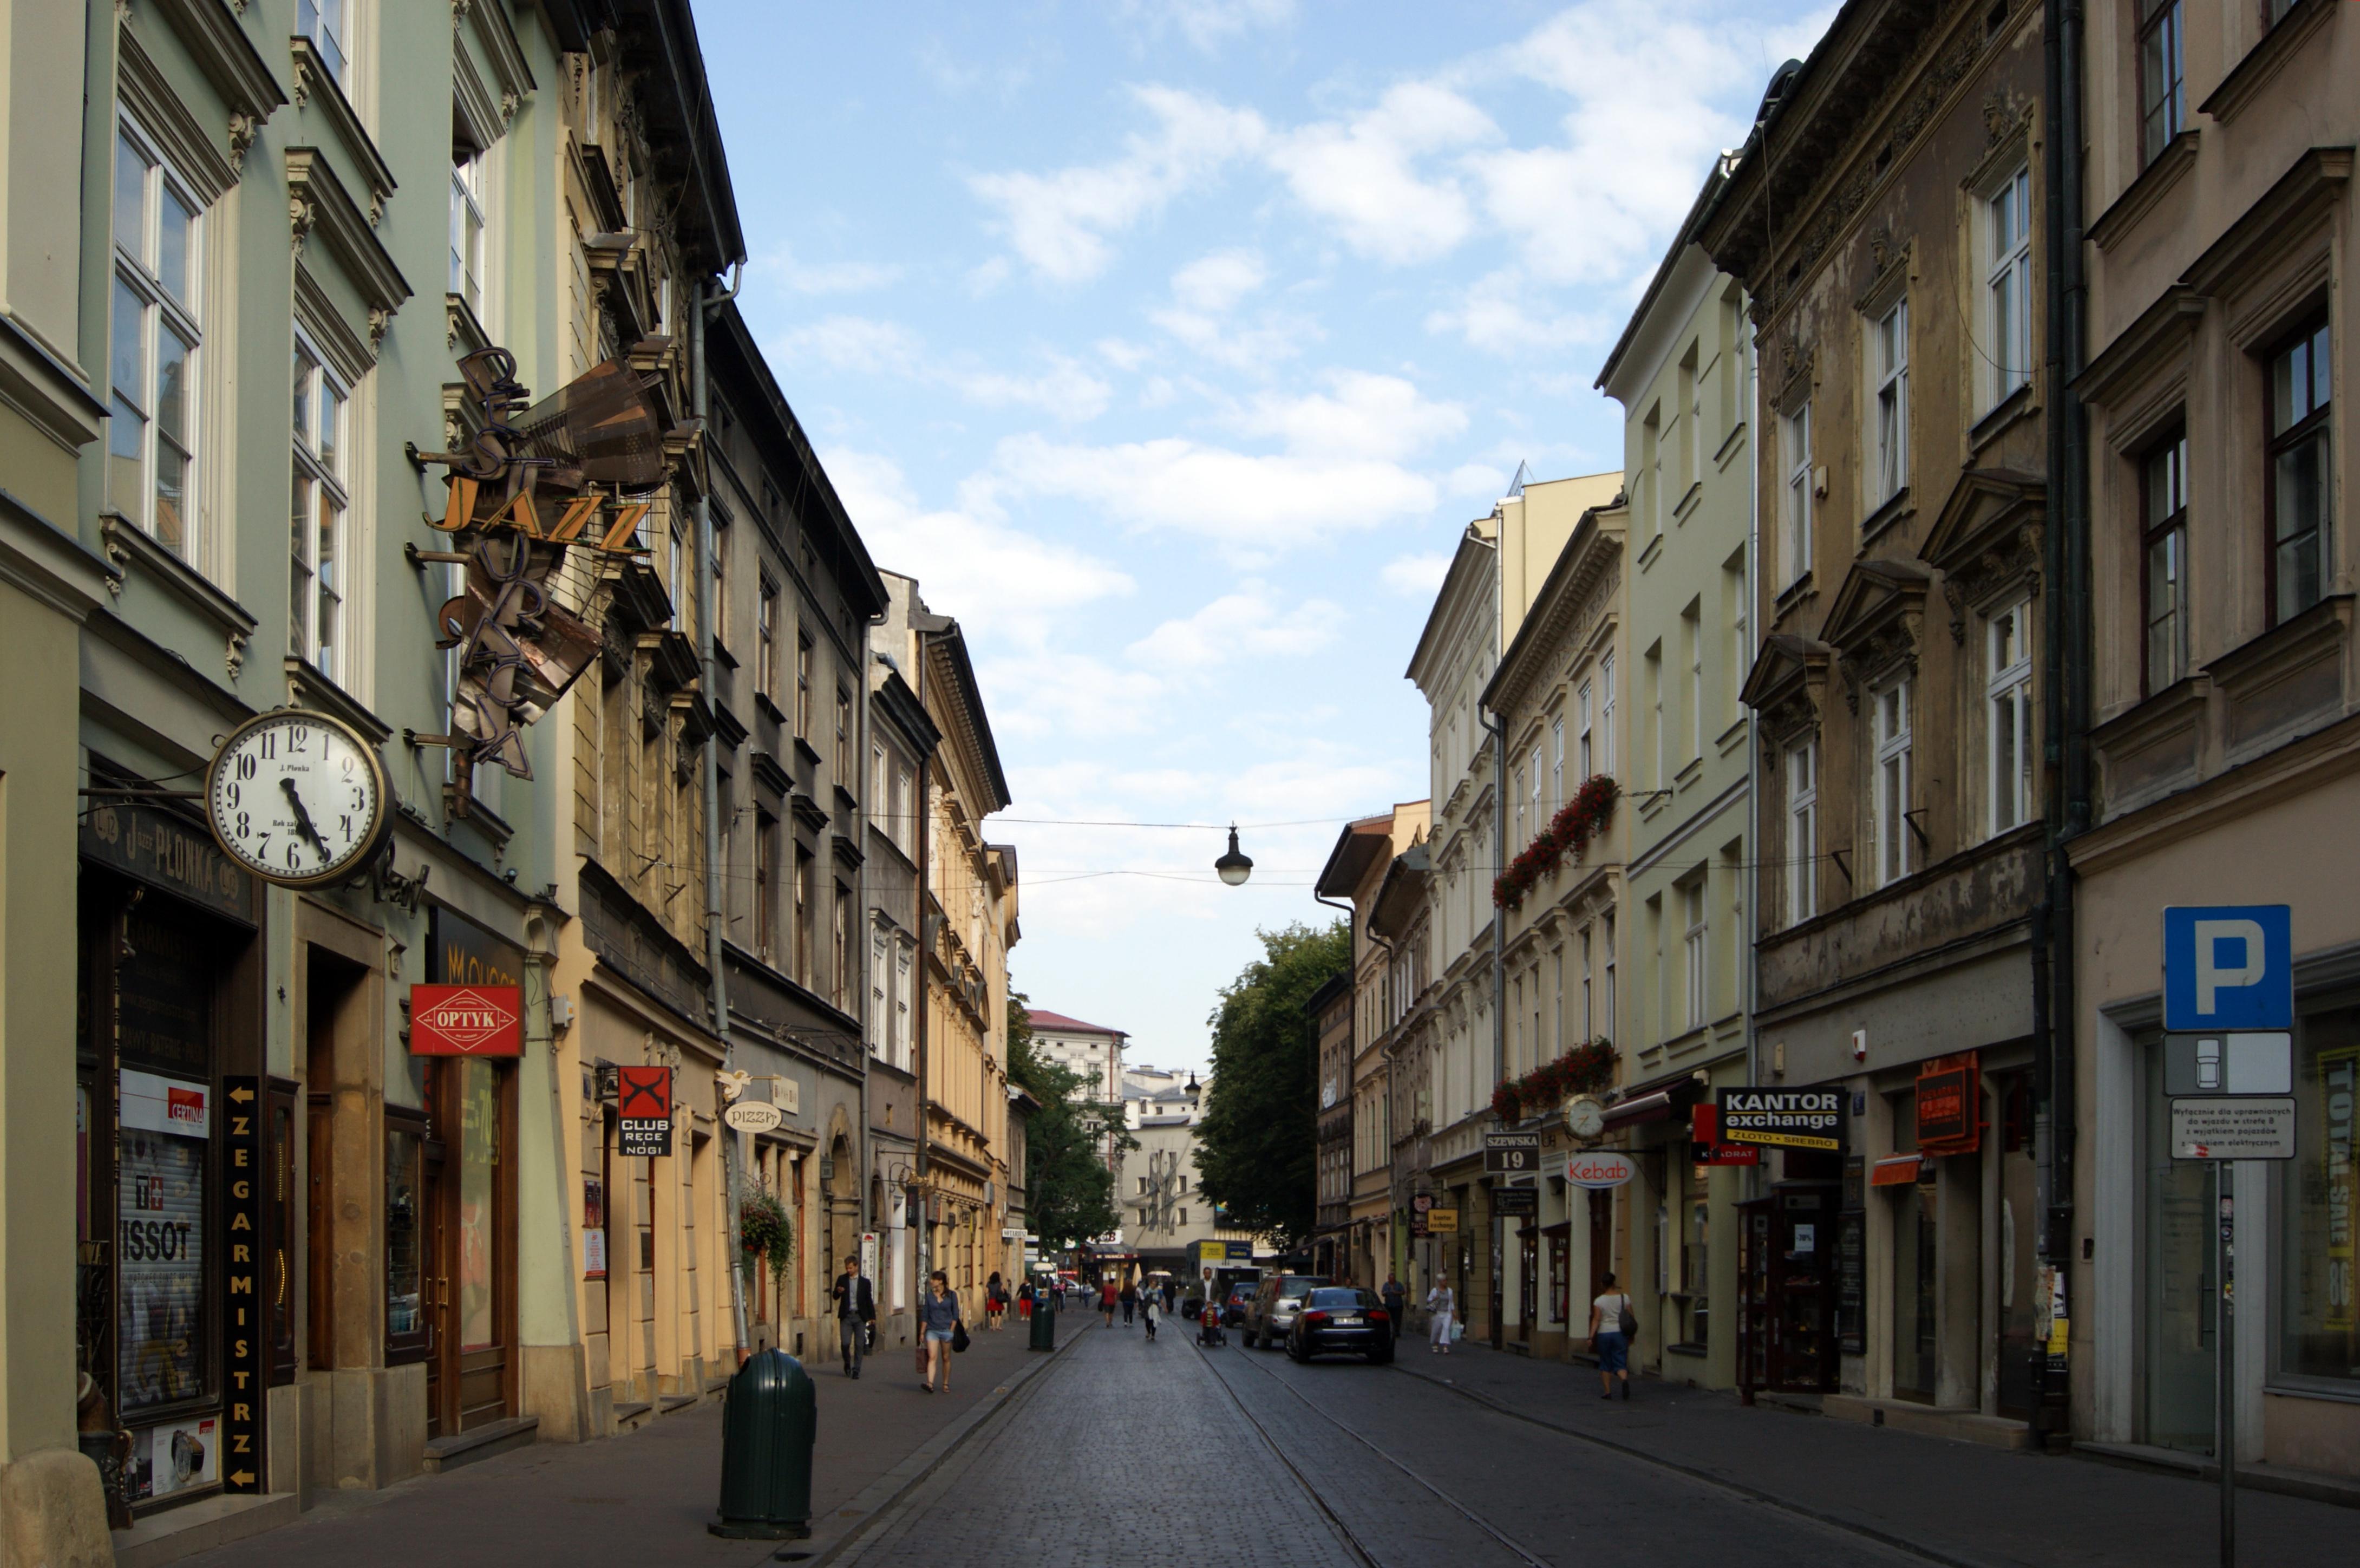 File:Szewska street, view to NW, Old Town, Krakow, Poland.jpg ...